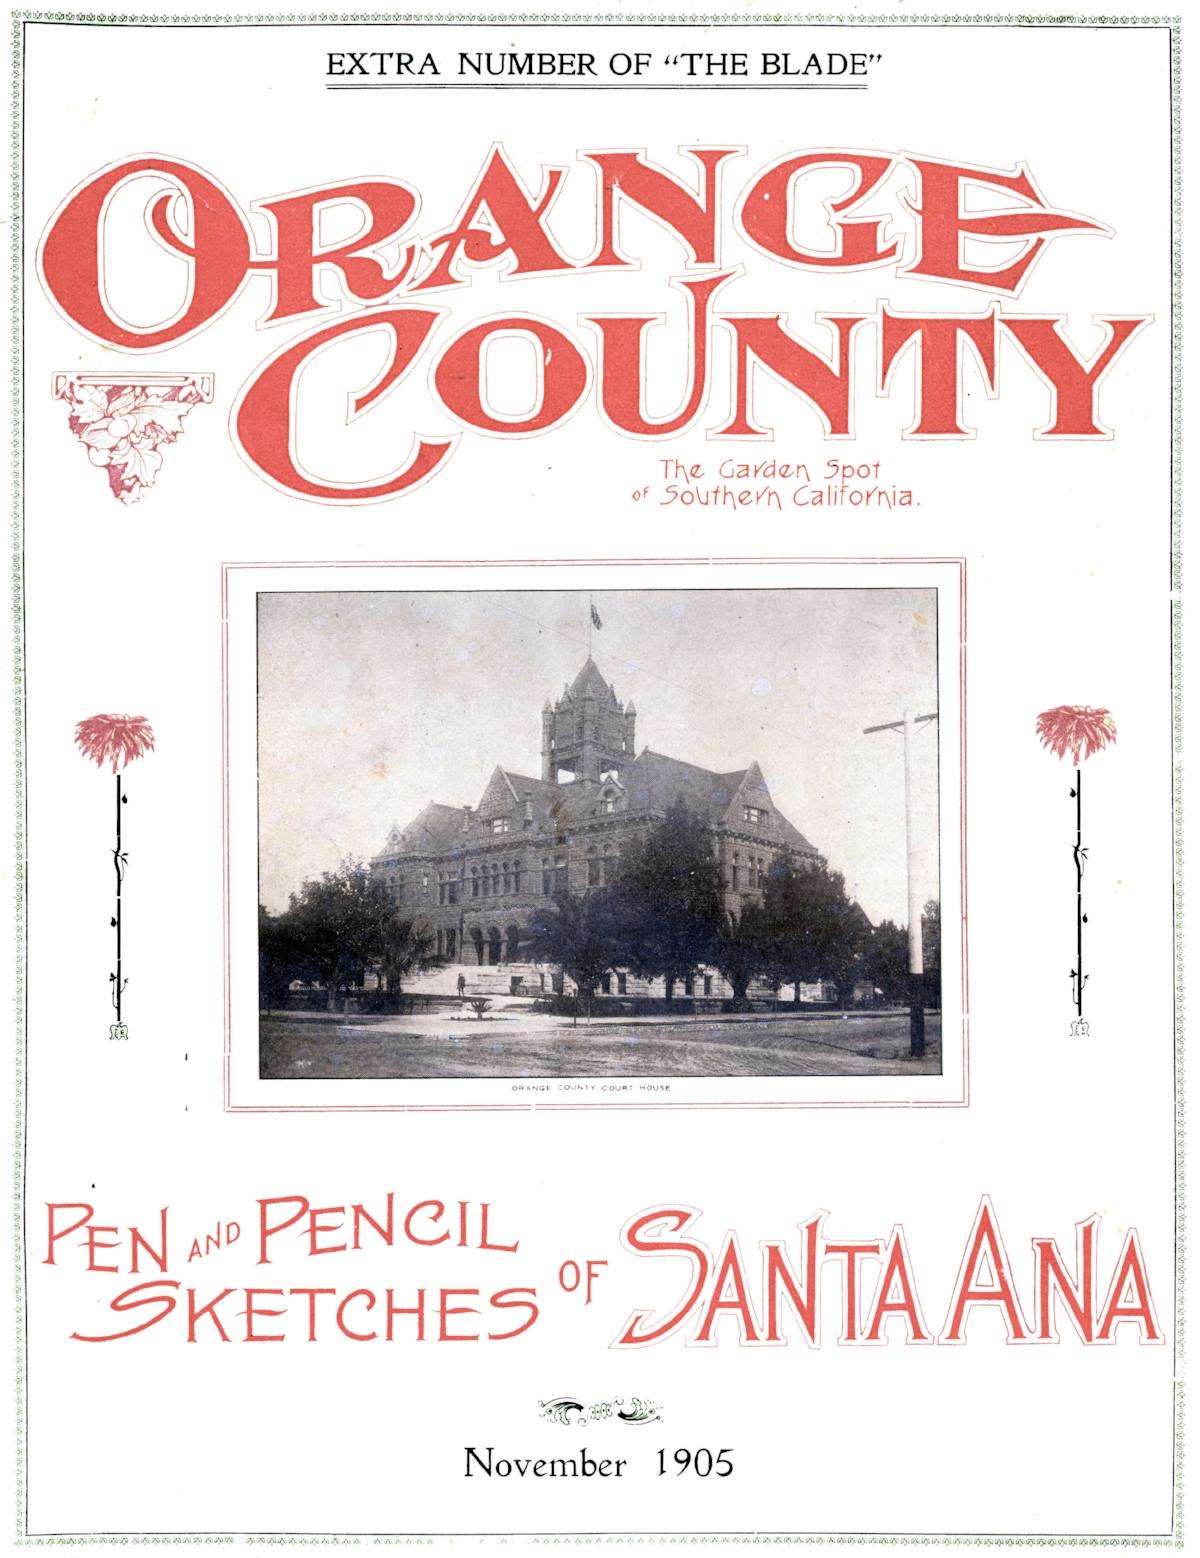 Santa Ana Blade - Nov 1905.jpg